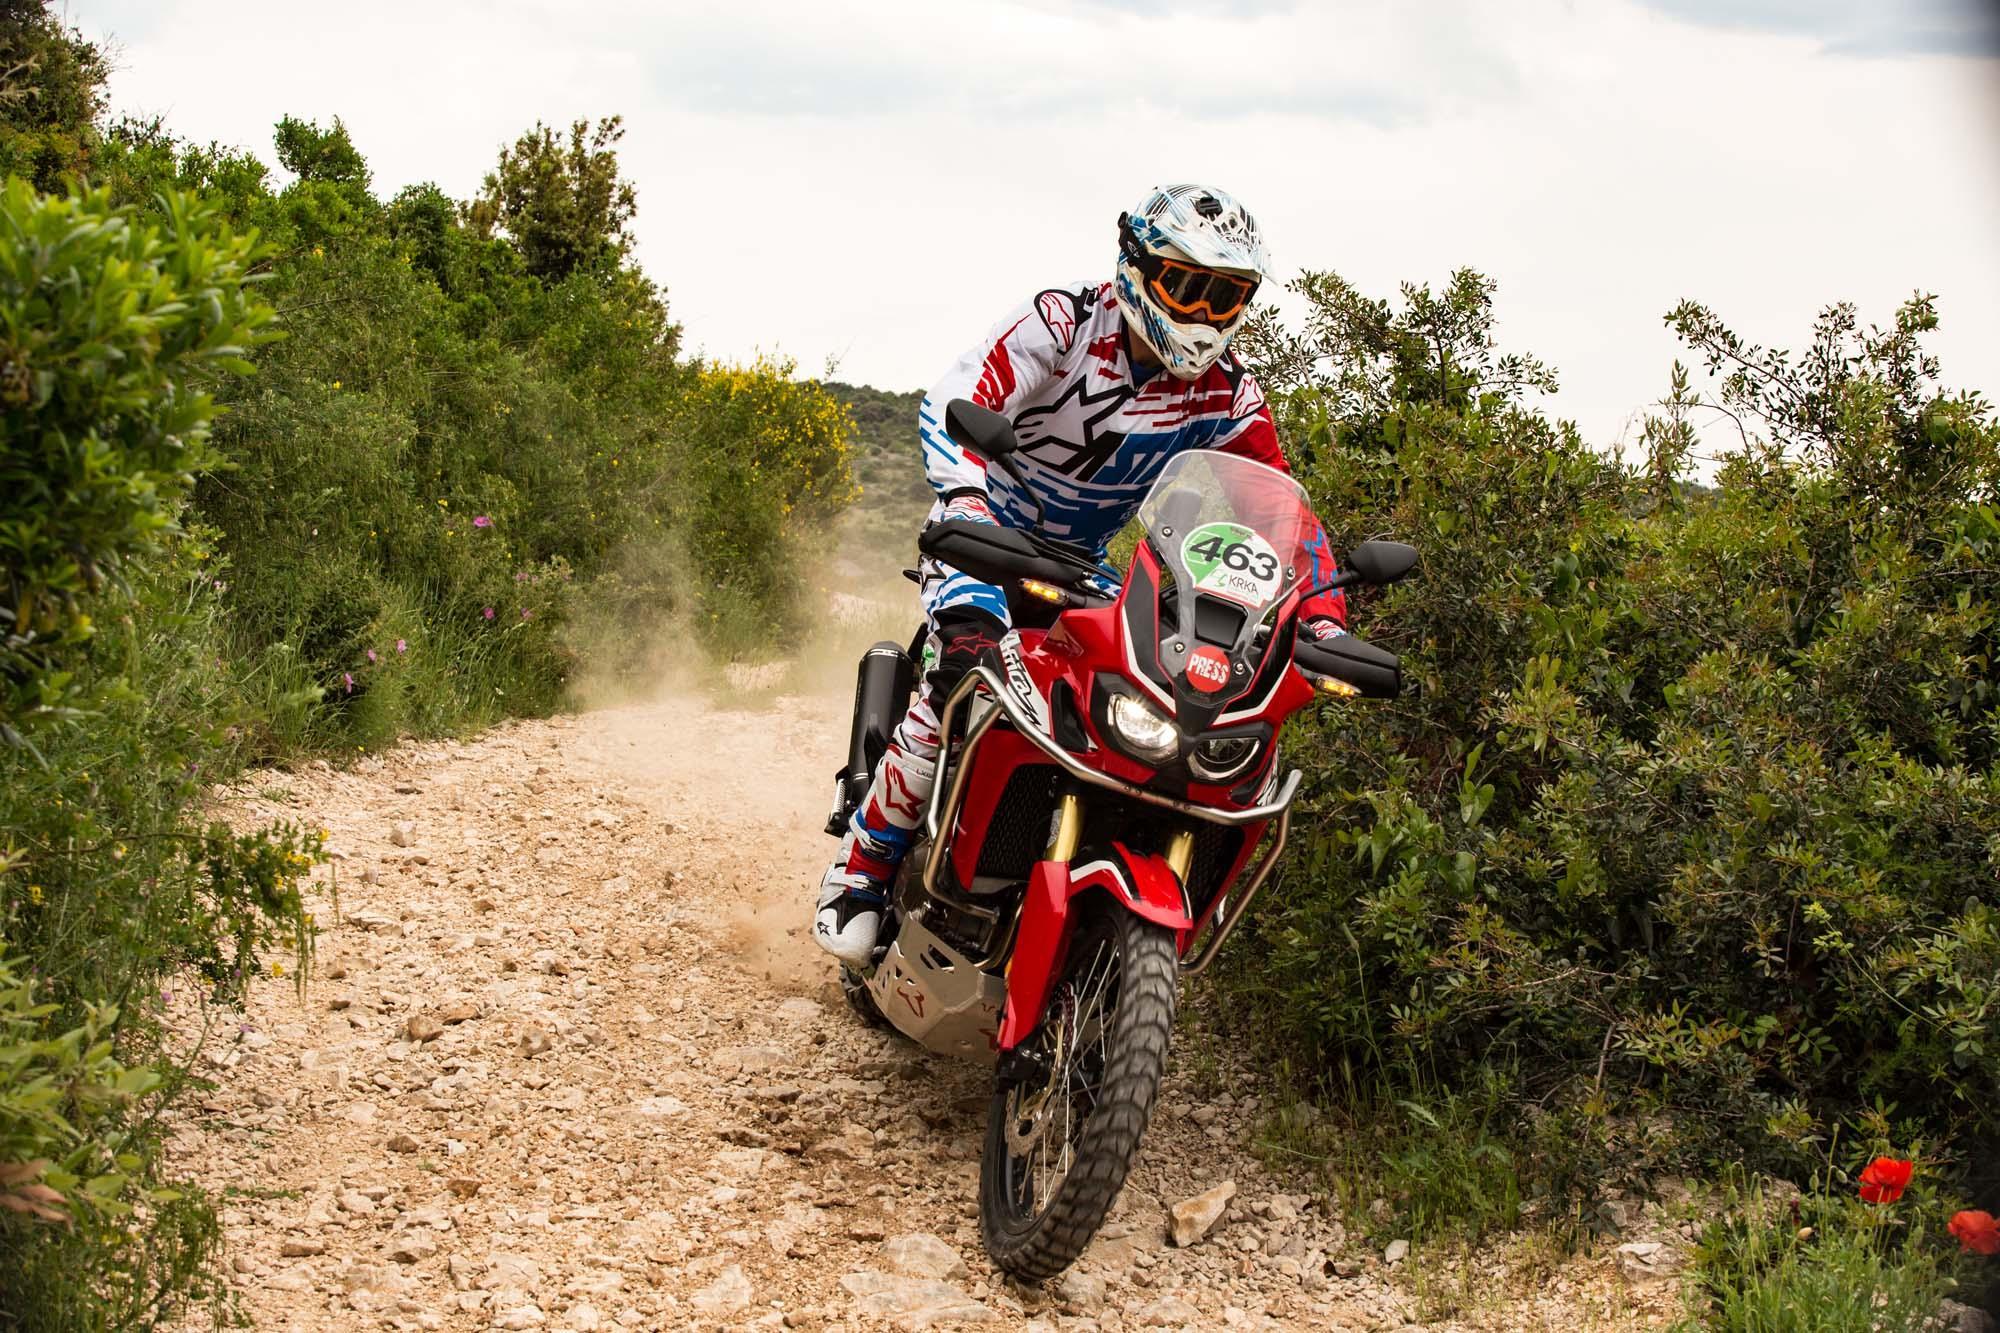 Krka Enduro Raid Primosten 2016 mit der Honda Africa Twin Foto